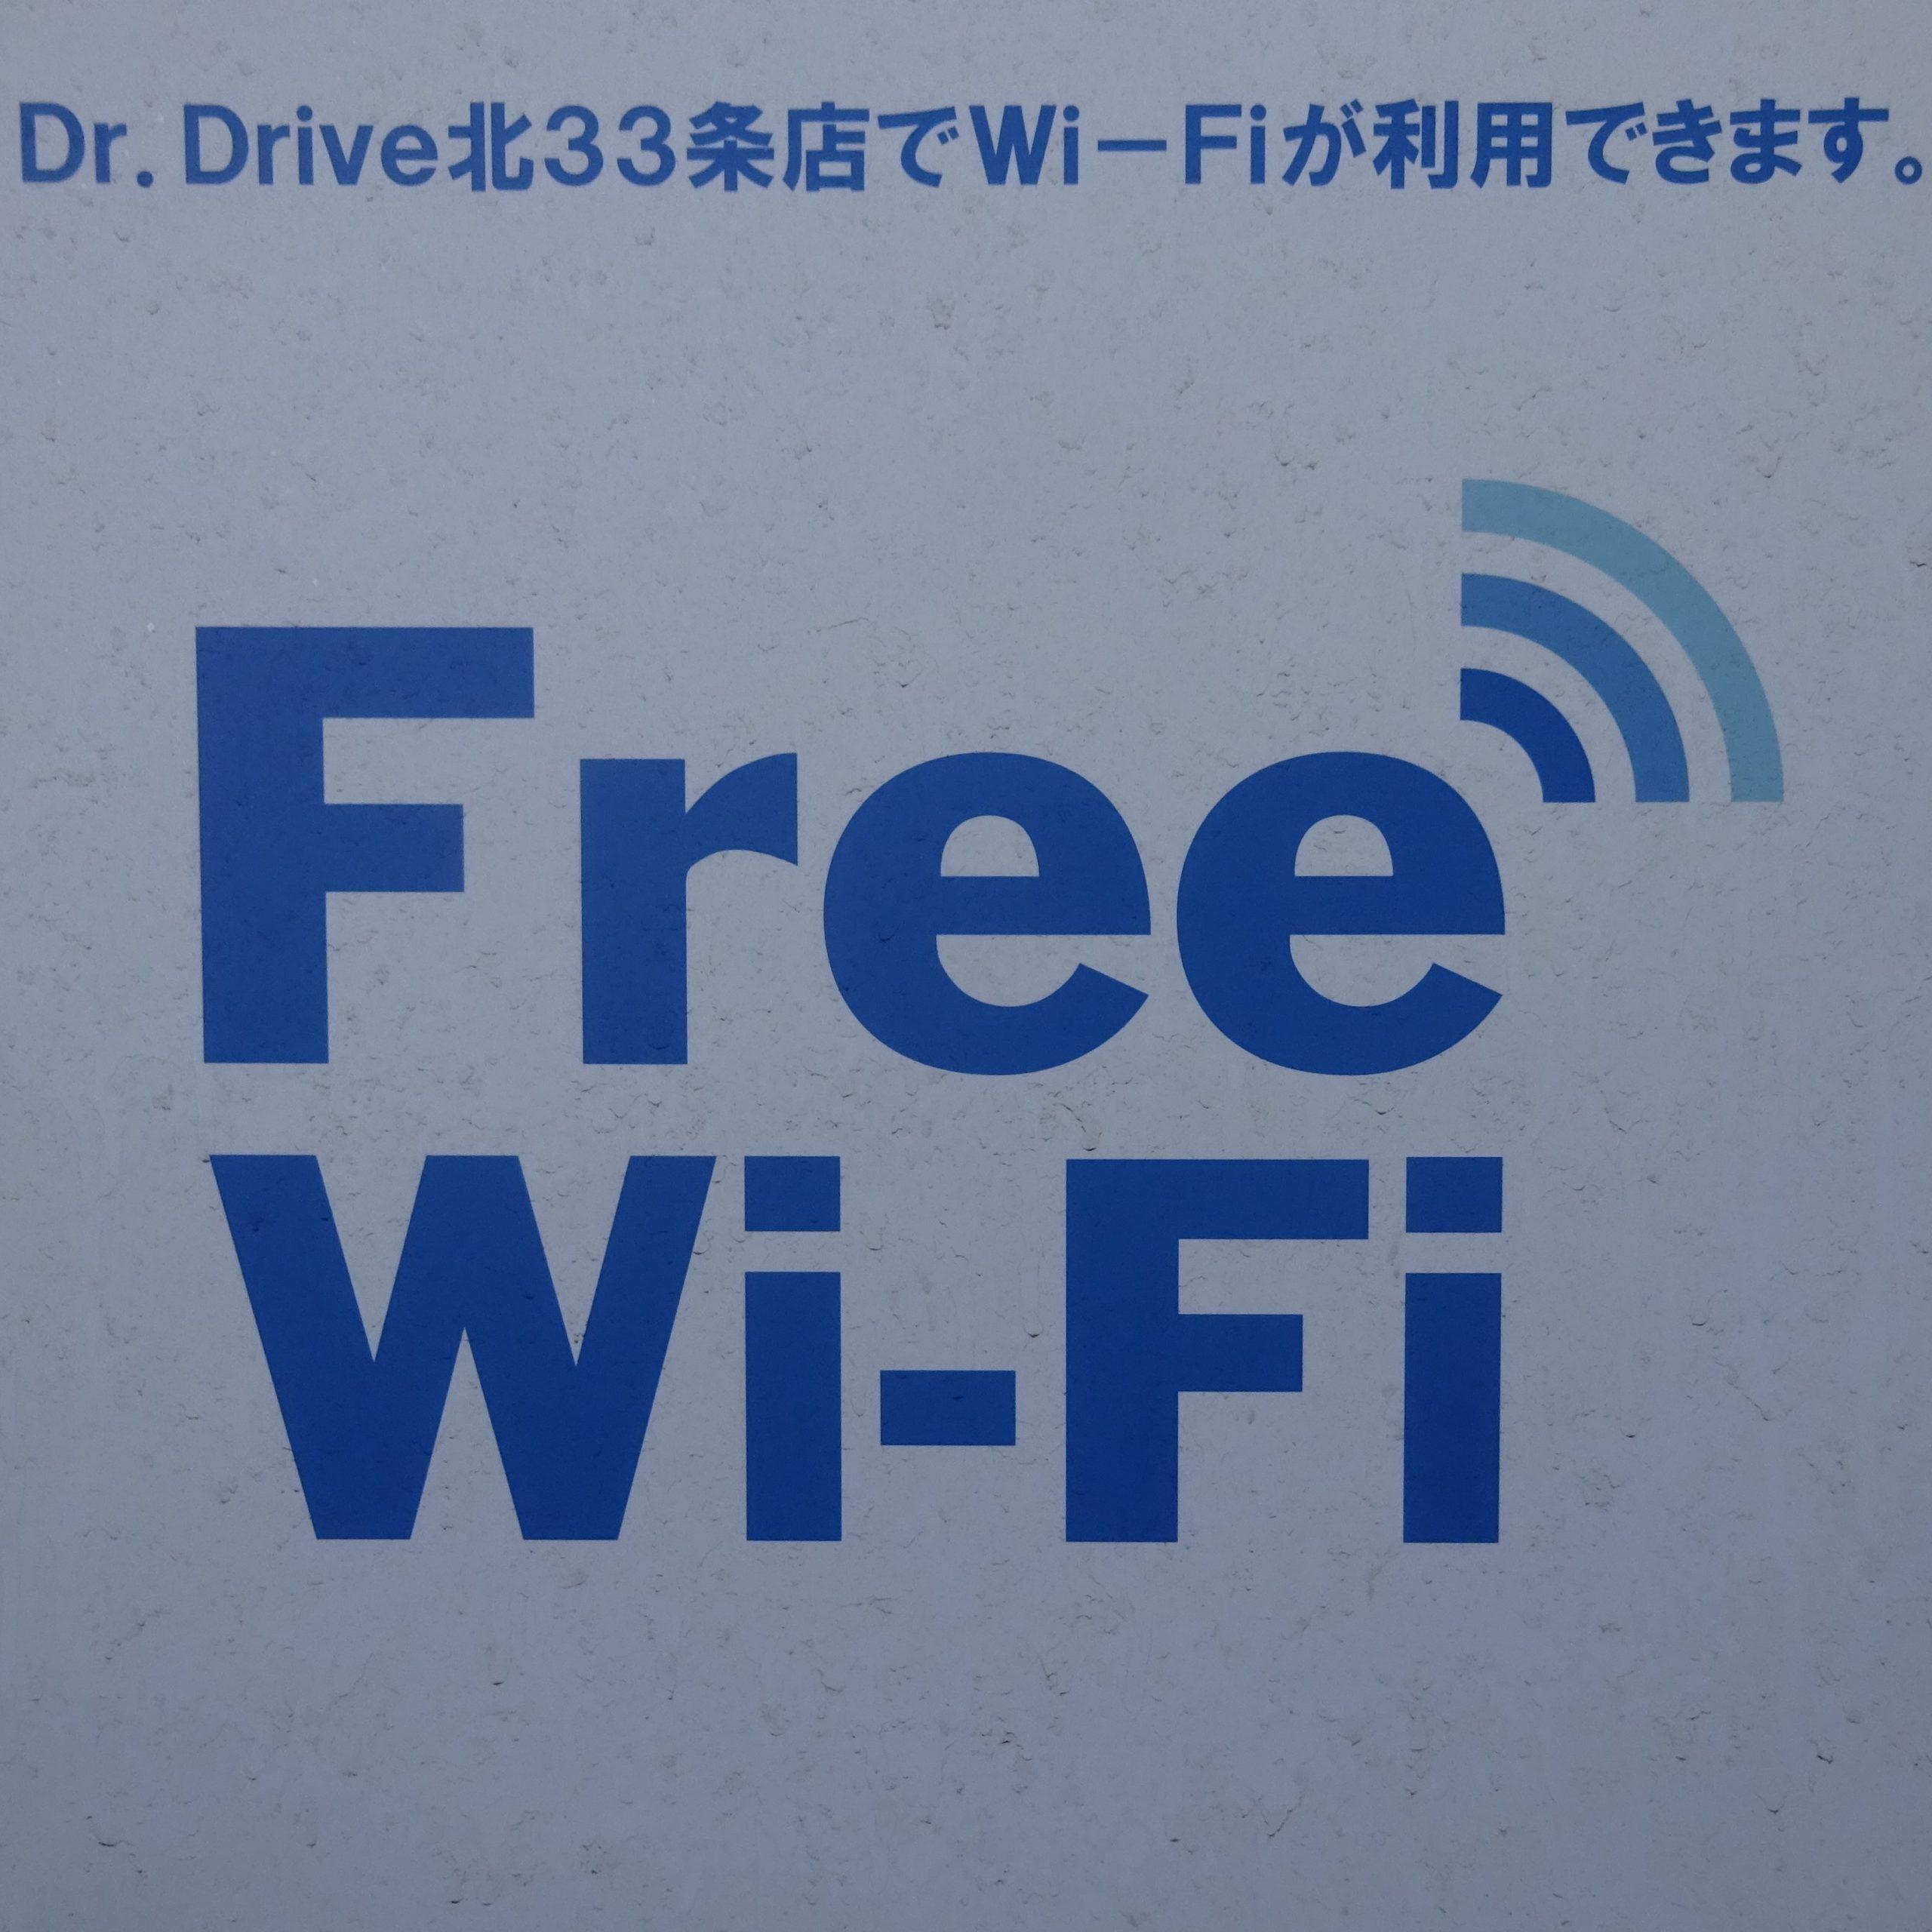 エネオス北33条店Wi-Fi